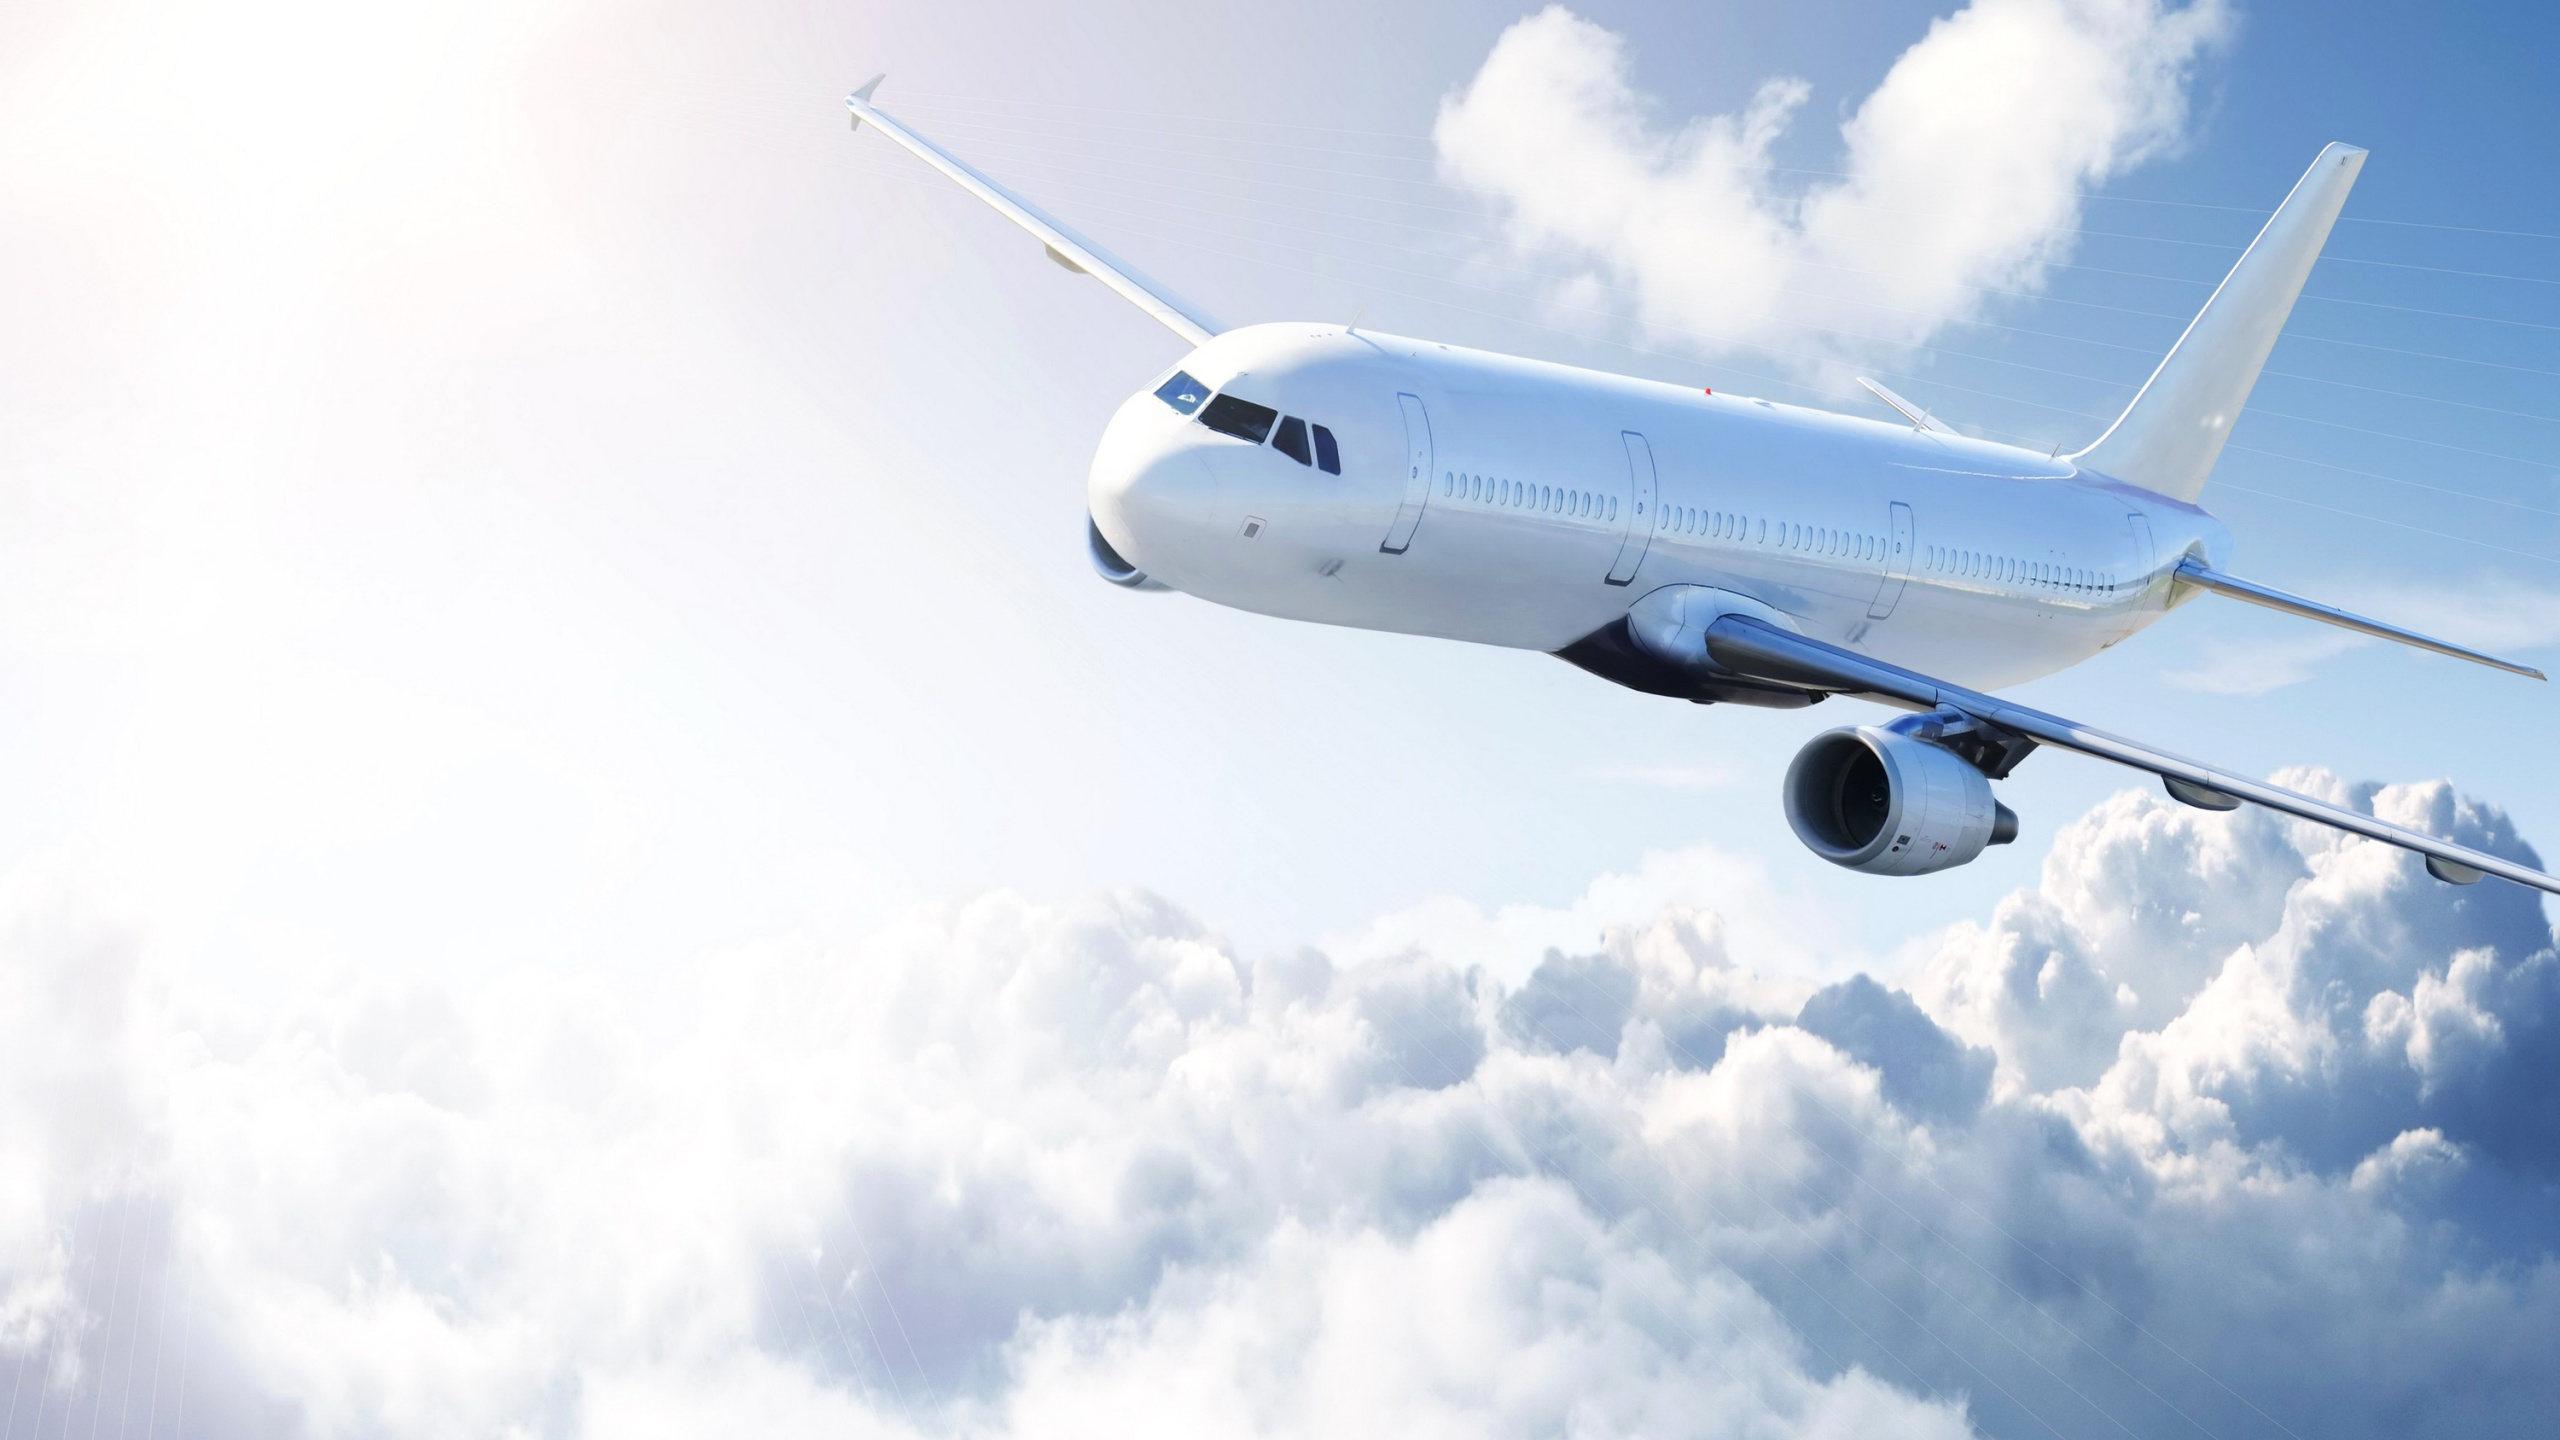 Грузовой самолет картинки и обои - самые необычные и красивые 11